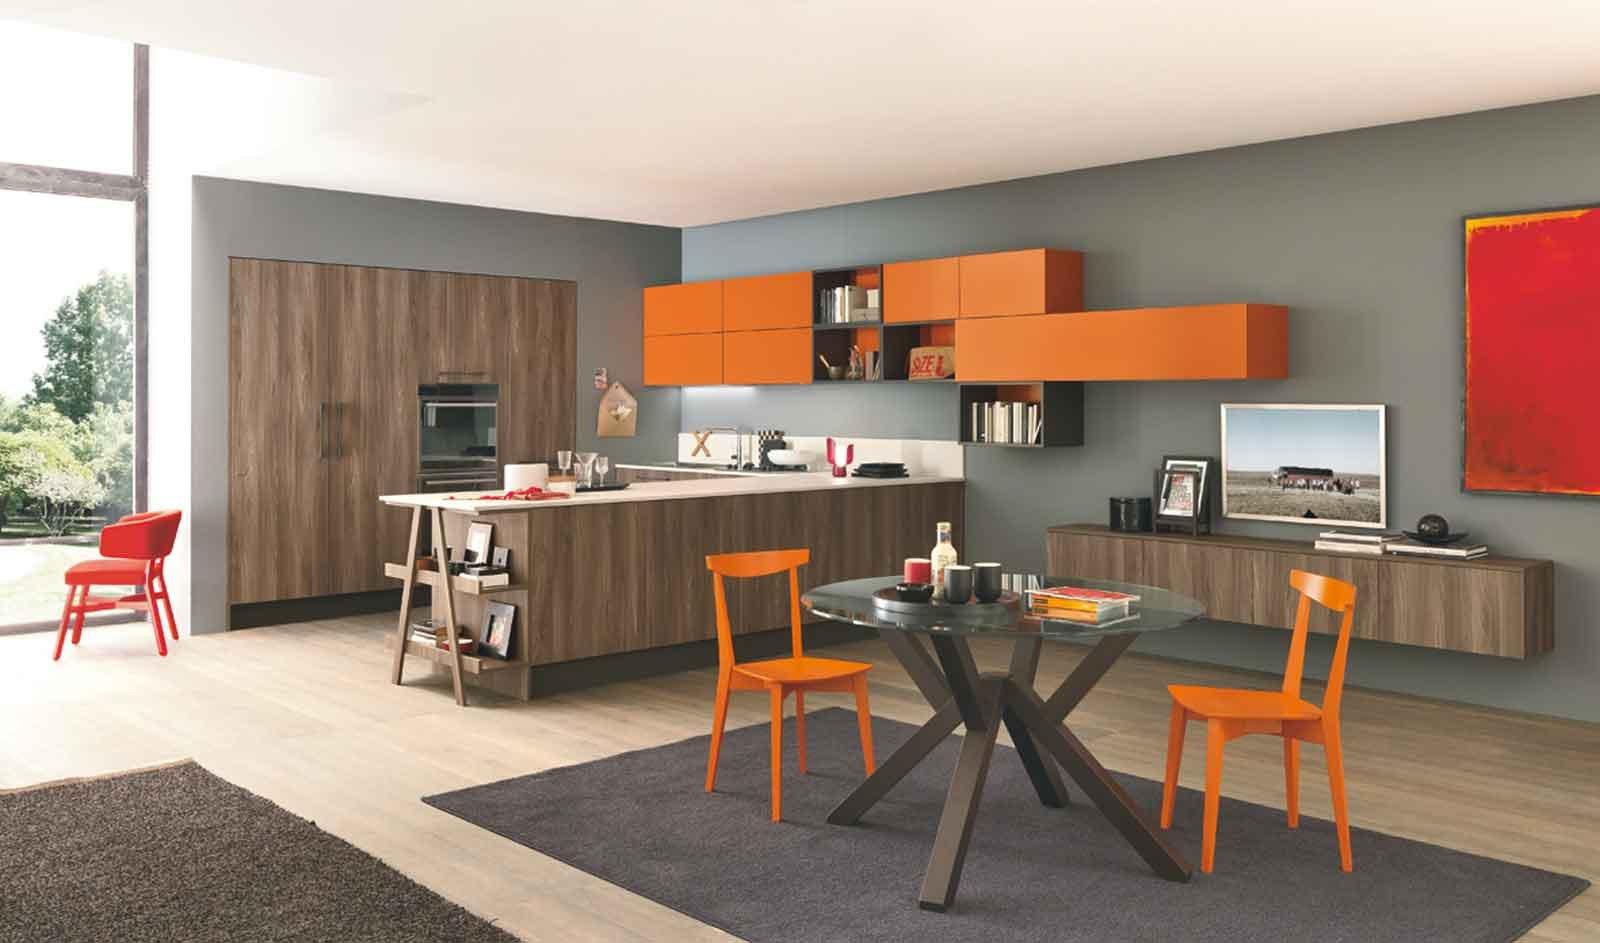 cucina e soggiorno in un unico ambiente: 3 stili - cose di casa - Ambiente Unico Cucina Salotto 2